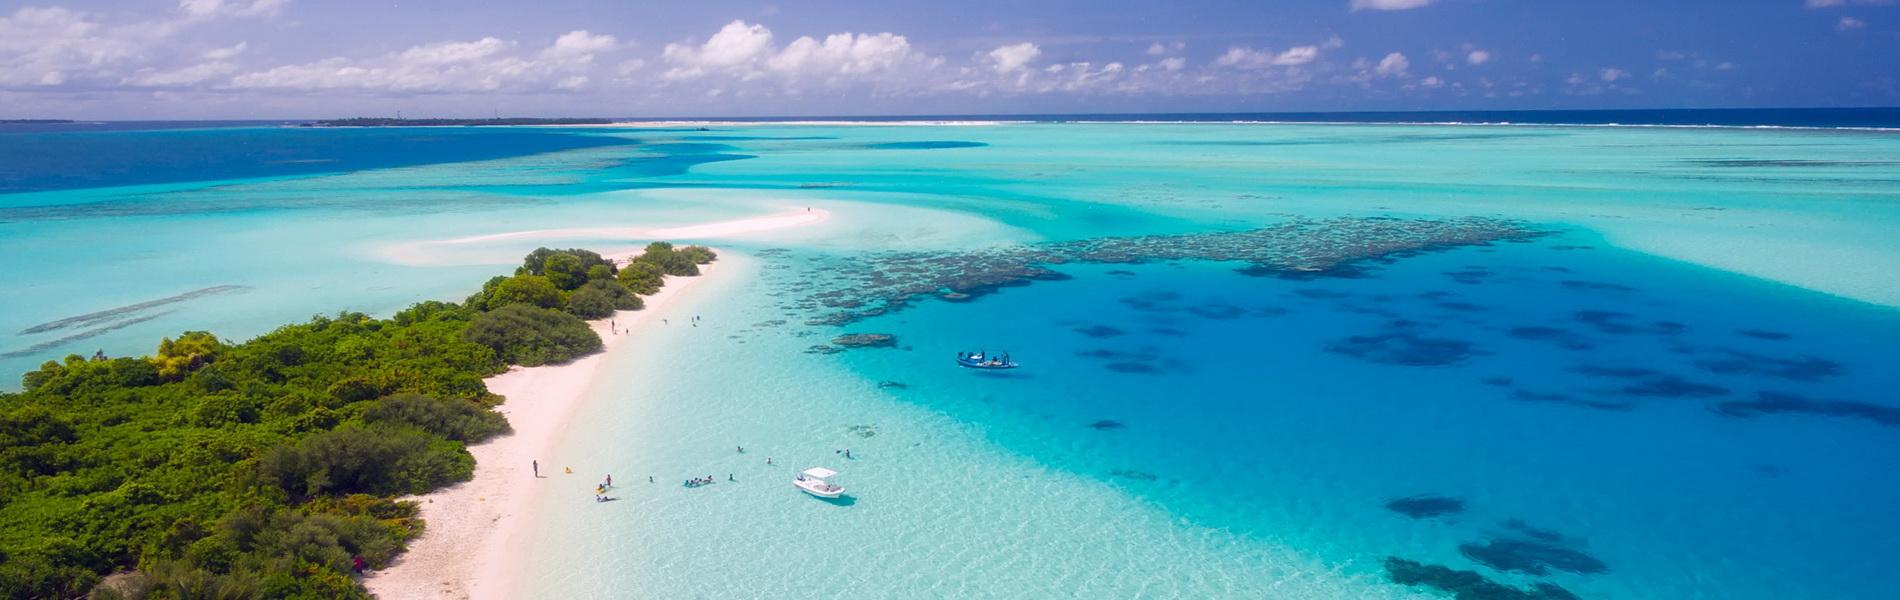 Boote holen Gäste von kleiner Malediveninsel, CC0 Creative Commons